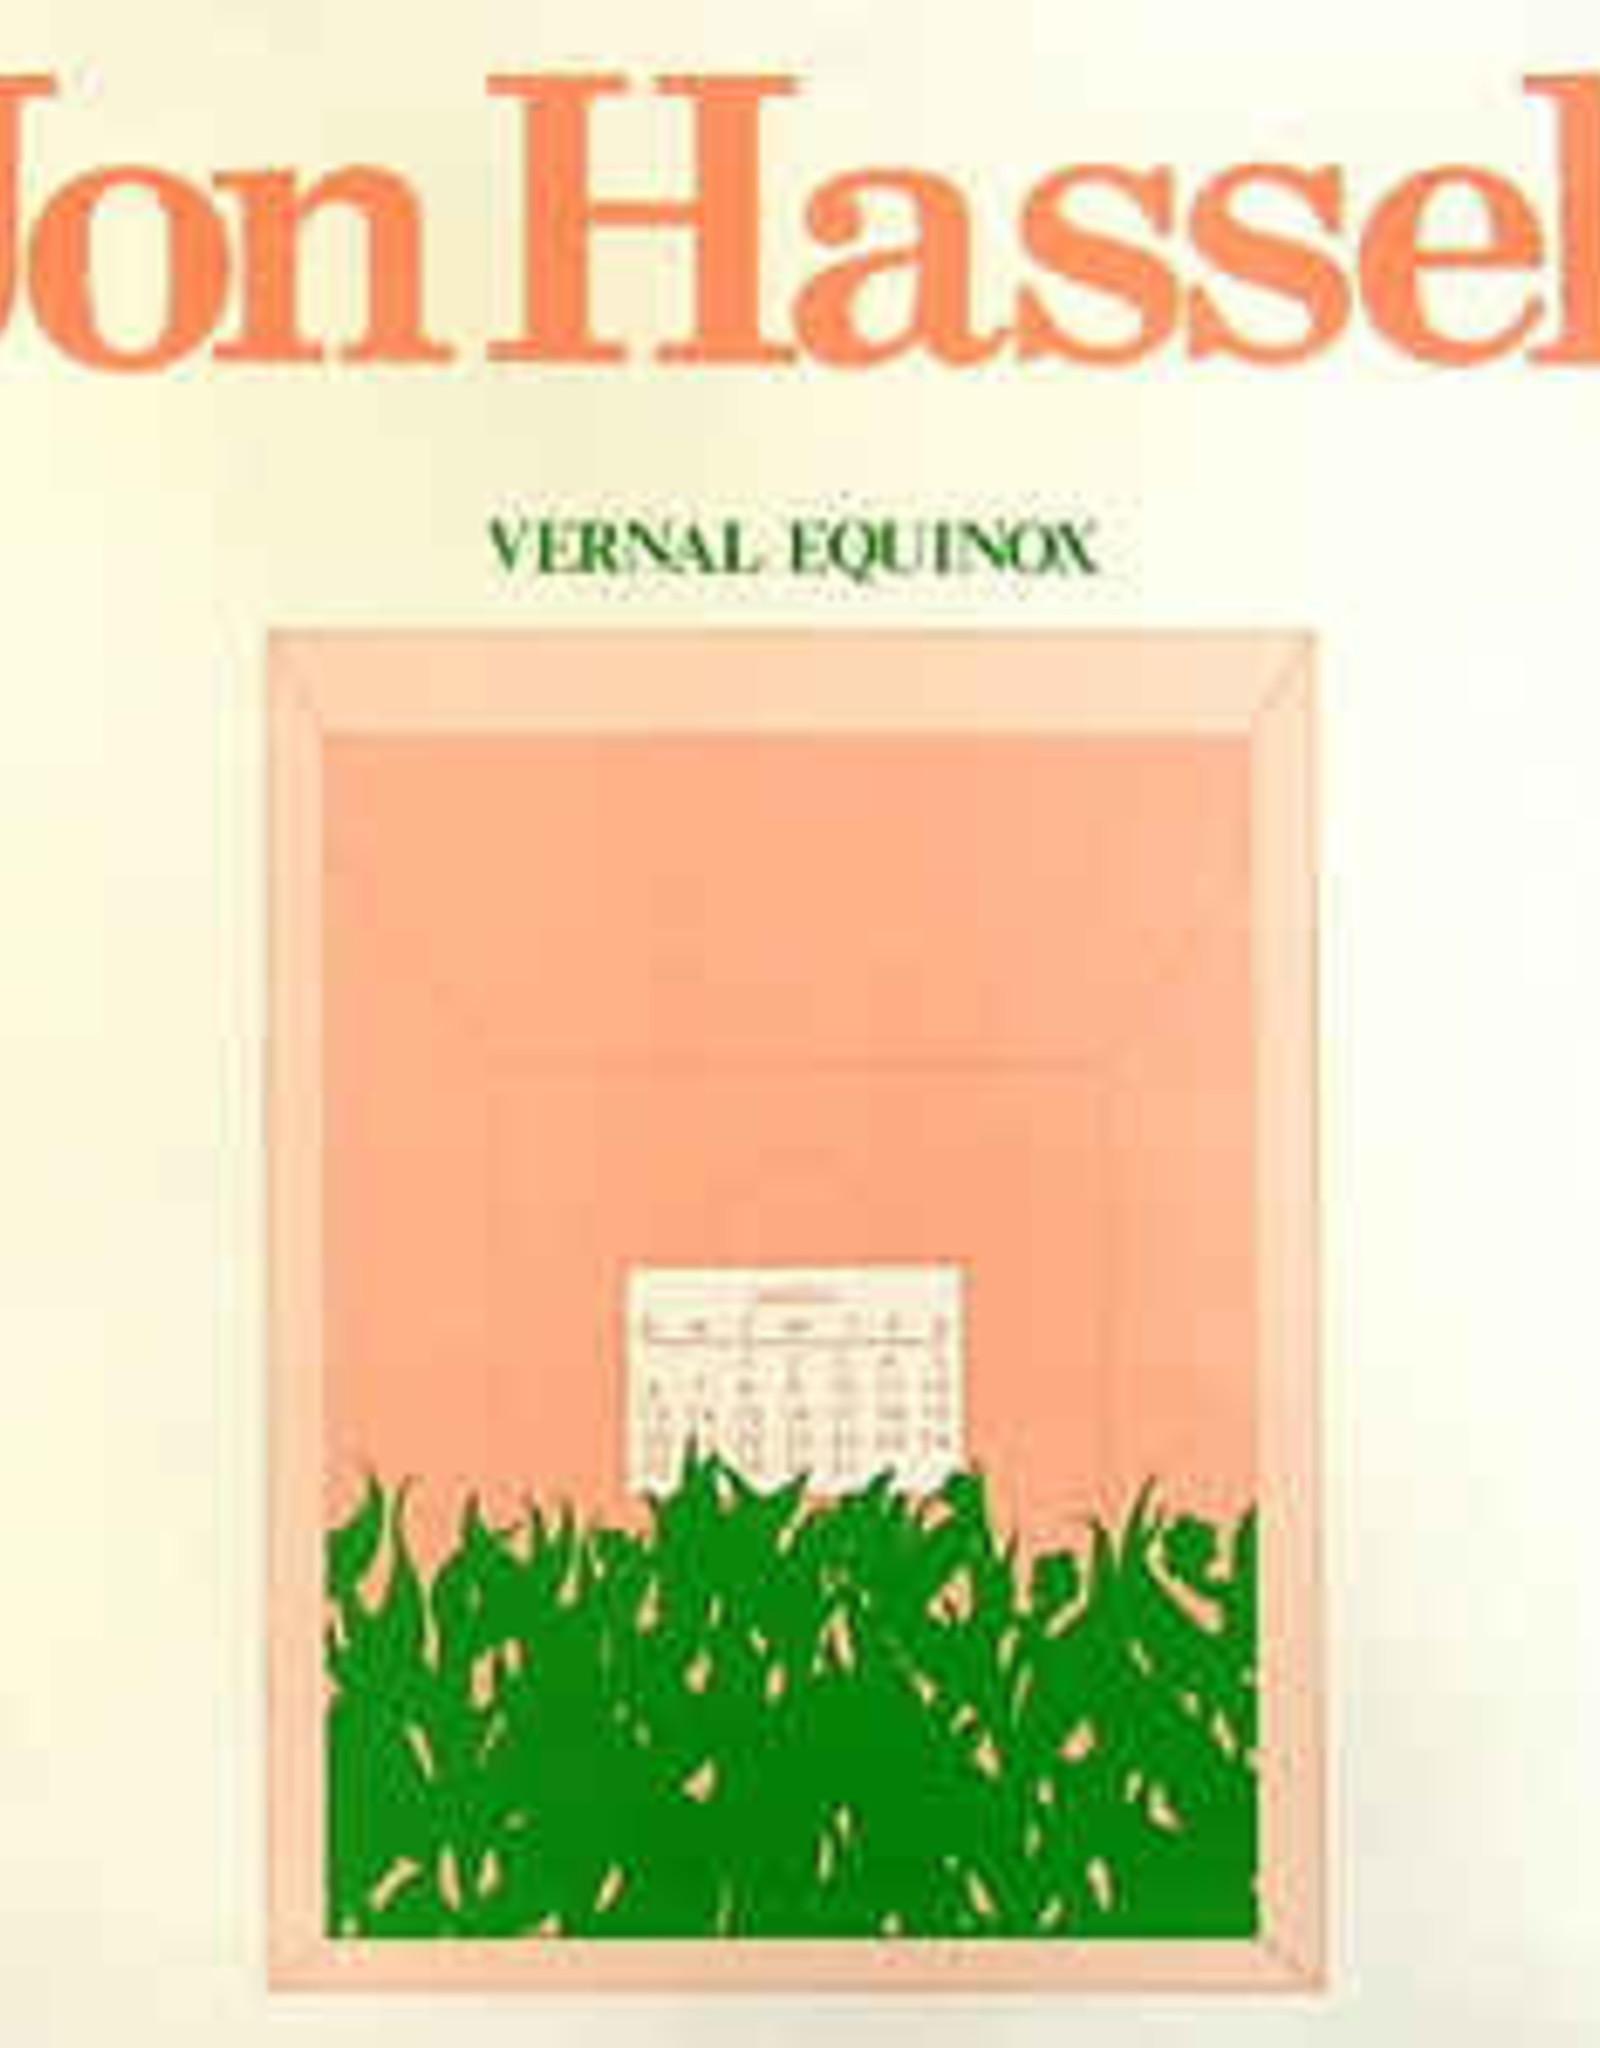 Jon Hassell - Vernal Equinox